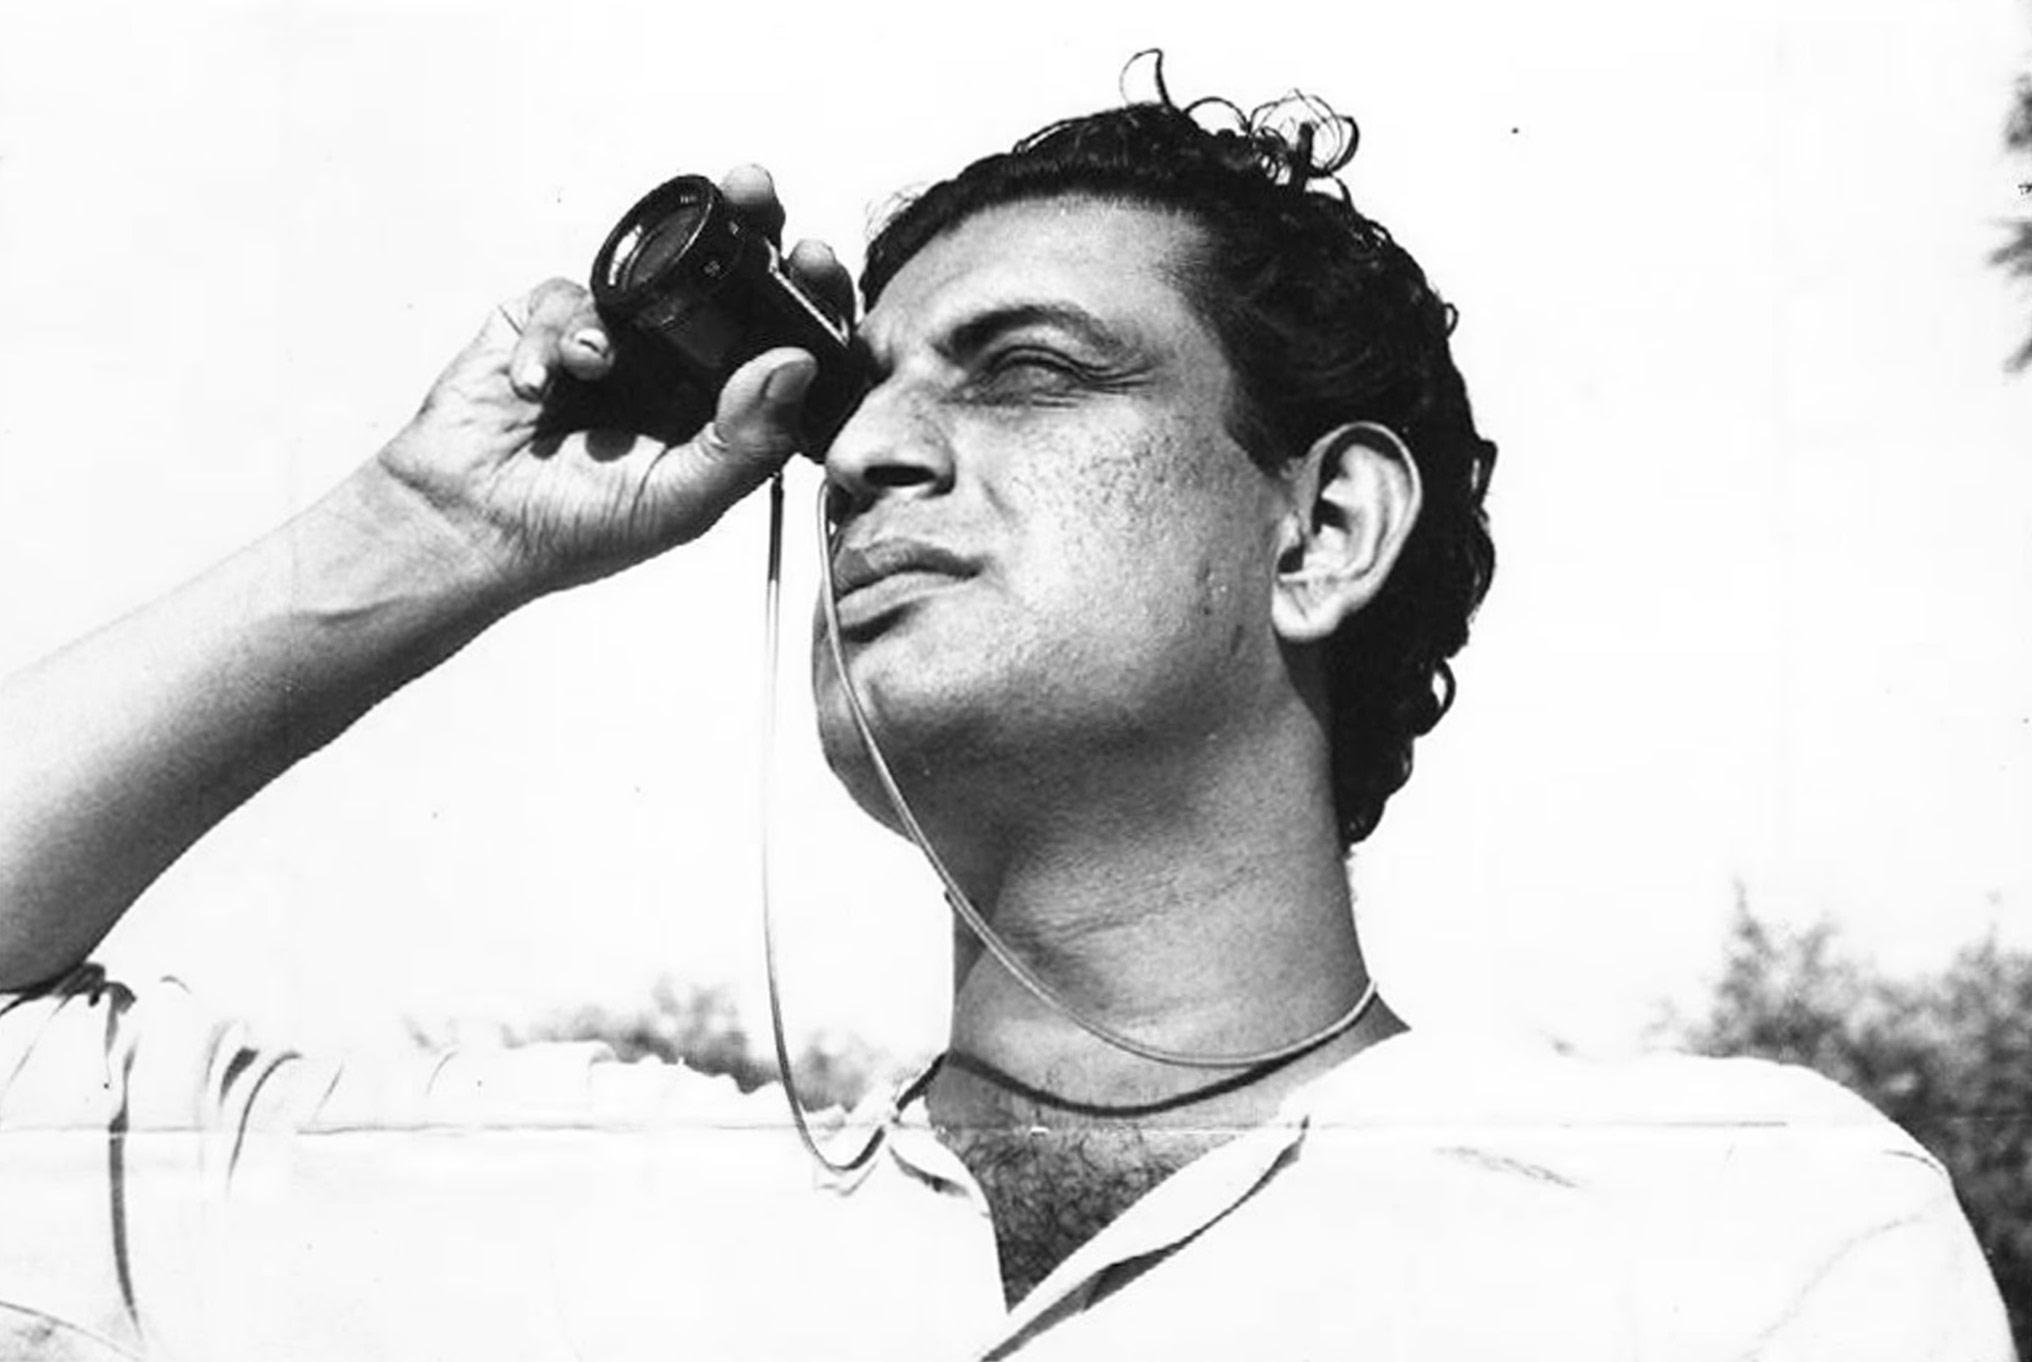 7 Art Cinema | Satyajit Ray | 1955 : La Complainte du sentier (Pather Panchali), 1956 : L'Invaincu (Aparajito), 1958 : La Pierre philosophale (Parash Pathar), 1959 : Le Salon de musique (Jalsaghar), 1959 : Le Monde d'Apu (Apur Sansar), 1960 : La Déesse (Devi), 1961 : Rabindranath Tagore (documentaire), 1961 : Trois Filles (Teen Kanya), 1962 : L'Expédition (Abhijaan), 1963 : La Grande Ville (Mahanagar), 1964 : Charulata, 1965 : Two (court-métrage), 1965 : Le Saint (Mahapurush), 1965 : Le Lâche (Kapurush), 1966 : Le Héros (Nayak), 1966 : Kanchenjungha, 1967 : Le Zoo (Chiriyakhana), 1969 : Les Aventures de Goopy et Bagha (Goopy Gyne Bagha Byne), 1970 : Des jours et des nuits dans la fort (Aranyer Din Ratri), 1971 : Sikkim (documentaire), 1971 : L'Adversaire (Pratidwandi), 1972 : The Inner Eye (documentaire), 1973 : Tonnerres lointains (Ashani Sanket), 1974 : Company Limited (Seemabaddha), 1974 : La Forteresse d'or (Sonar Kella), 1976 : Bala, 1976 : Jana Aranya, 1977 : Les Joueurs d'échecs (Shatranj Ke Khilari), 1979 : Le Dieu Eléphant (Joi Baba Felunath), 1980 : Le Royaume des diamants (Heerak Rajar Deshe), 1981 : Pikoor Diary (court-métrage), 1984 : Délivrance (Sadgati) (tlfilm), 1984 : La Maison et le Monde (Ghare Baire), 1987 : Sukumar Ray (documentaire), 1990 : Un ennemi du peuple (Ganashatru), 1990 : Les Branches de l'arbre (Shakha Proshakha), 1991 : Le Visiteur (Agantuk) | Realisateur, Ecrivain et Compositeur indien bengali | Photographie